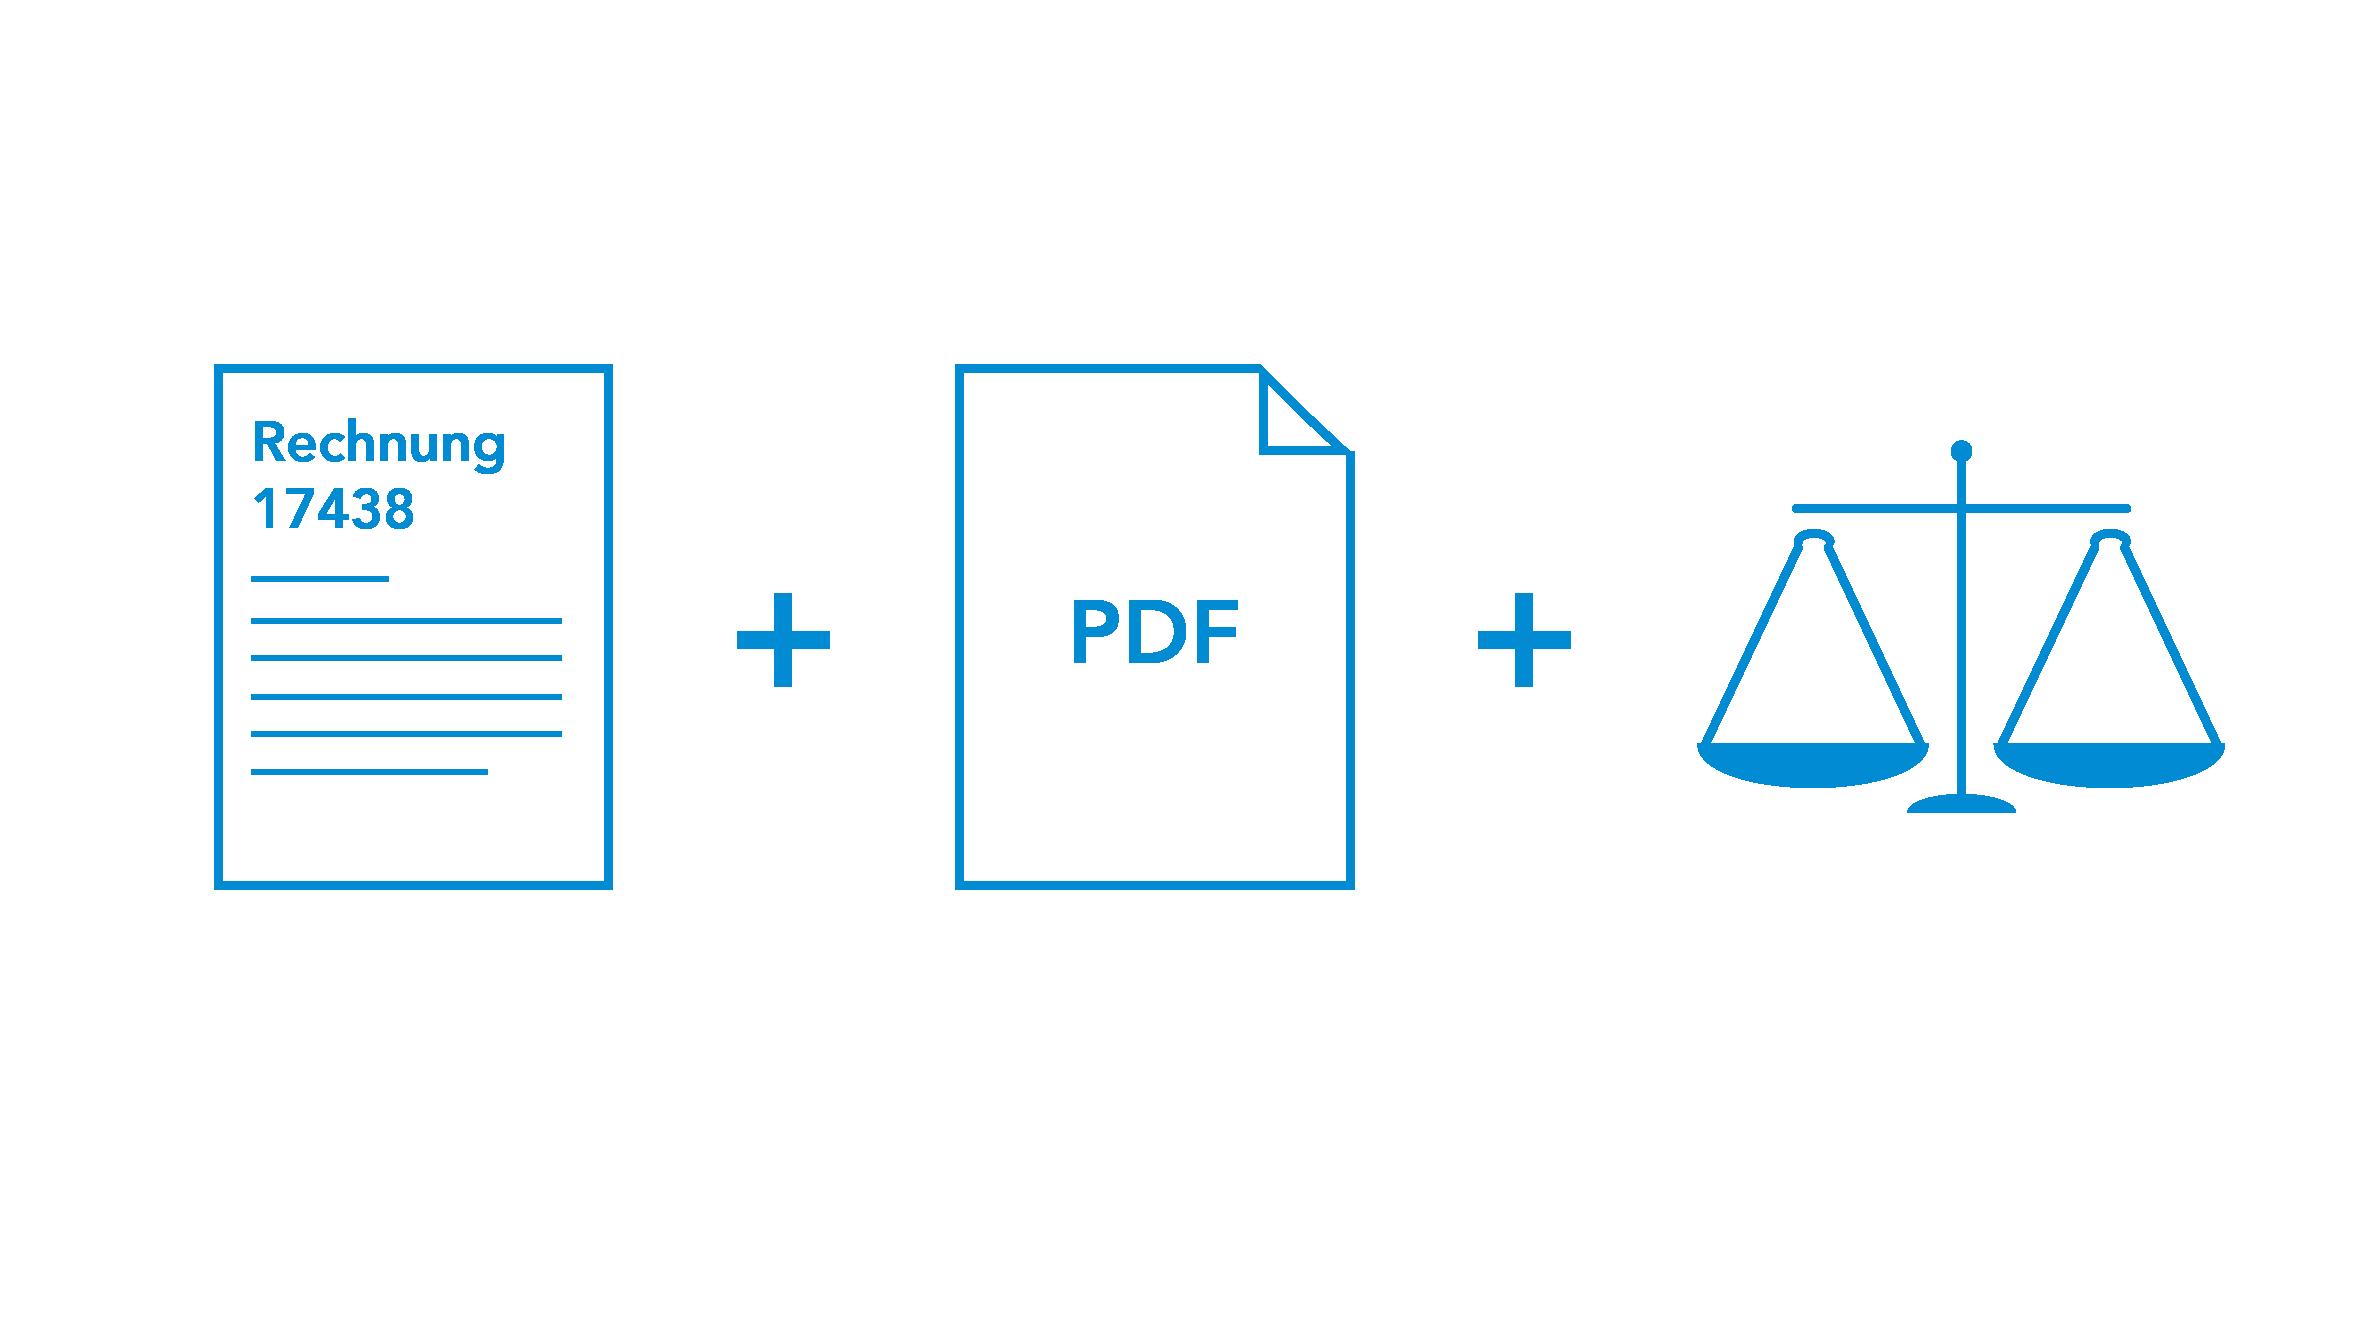 Rechnung, PDF Dokument und Waage